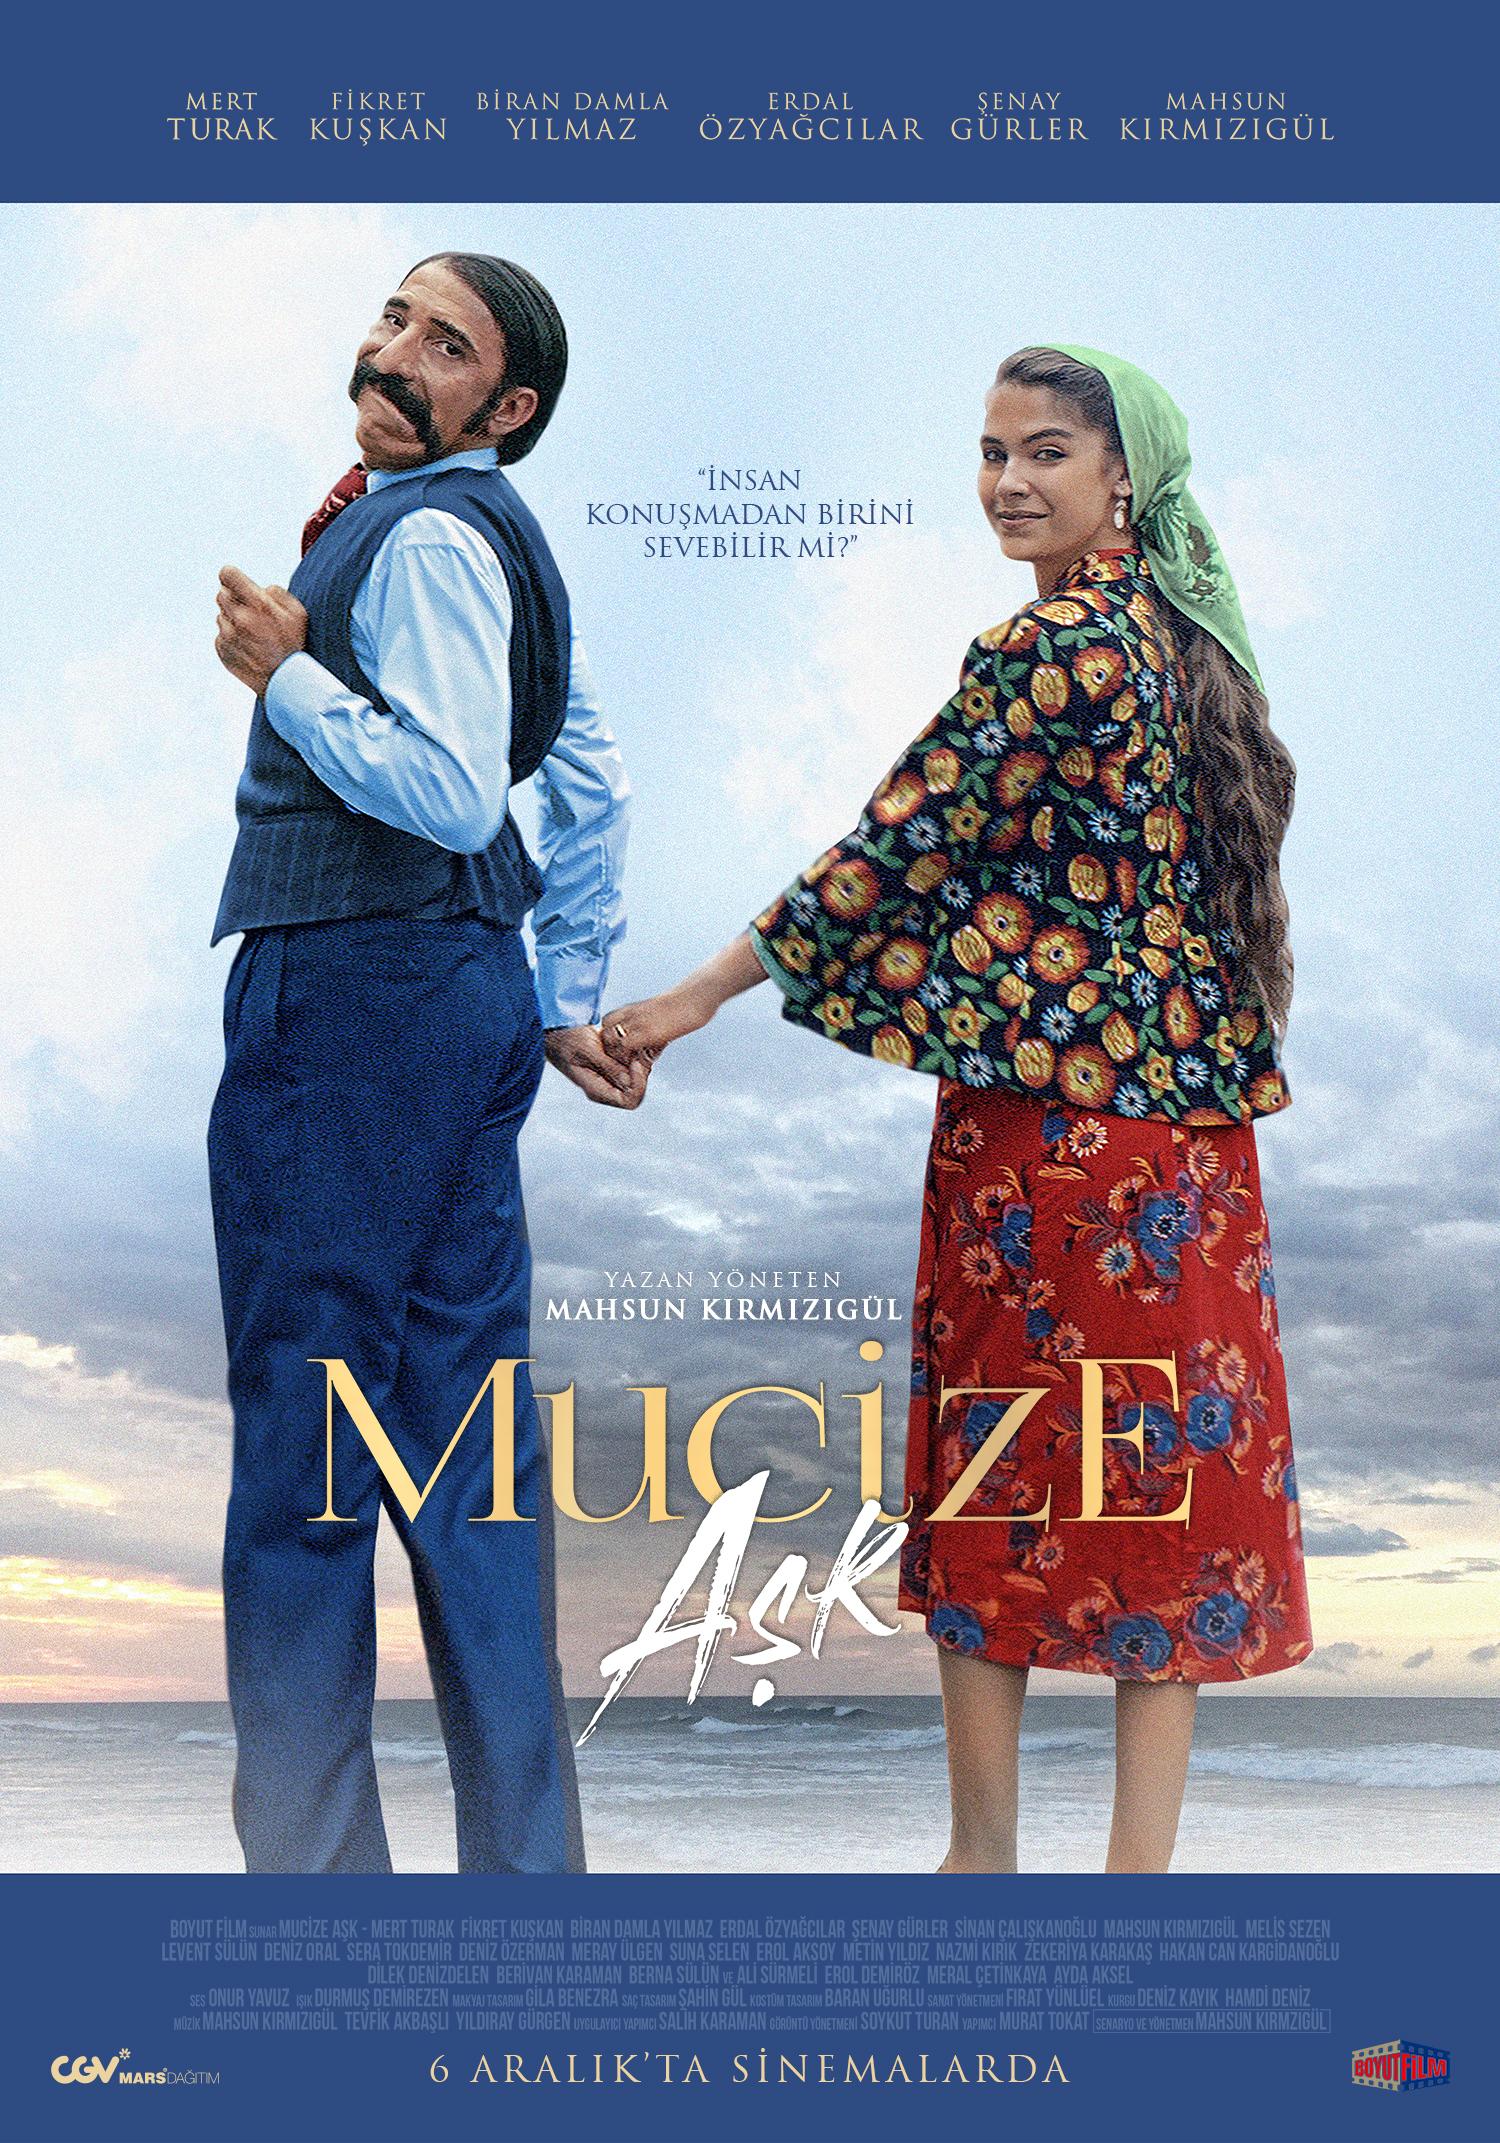 Mucize 2 Aşk  izle